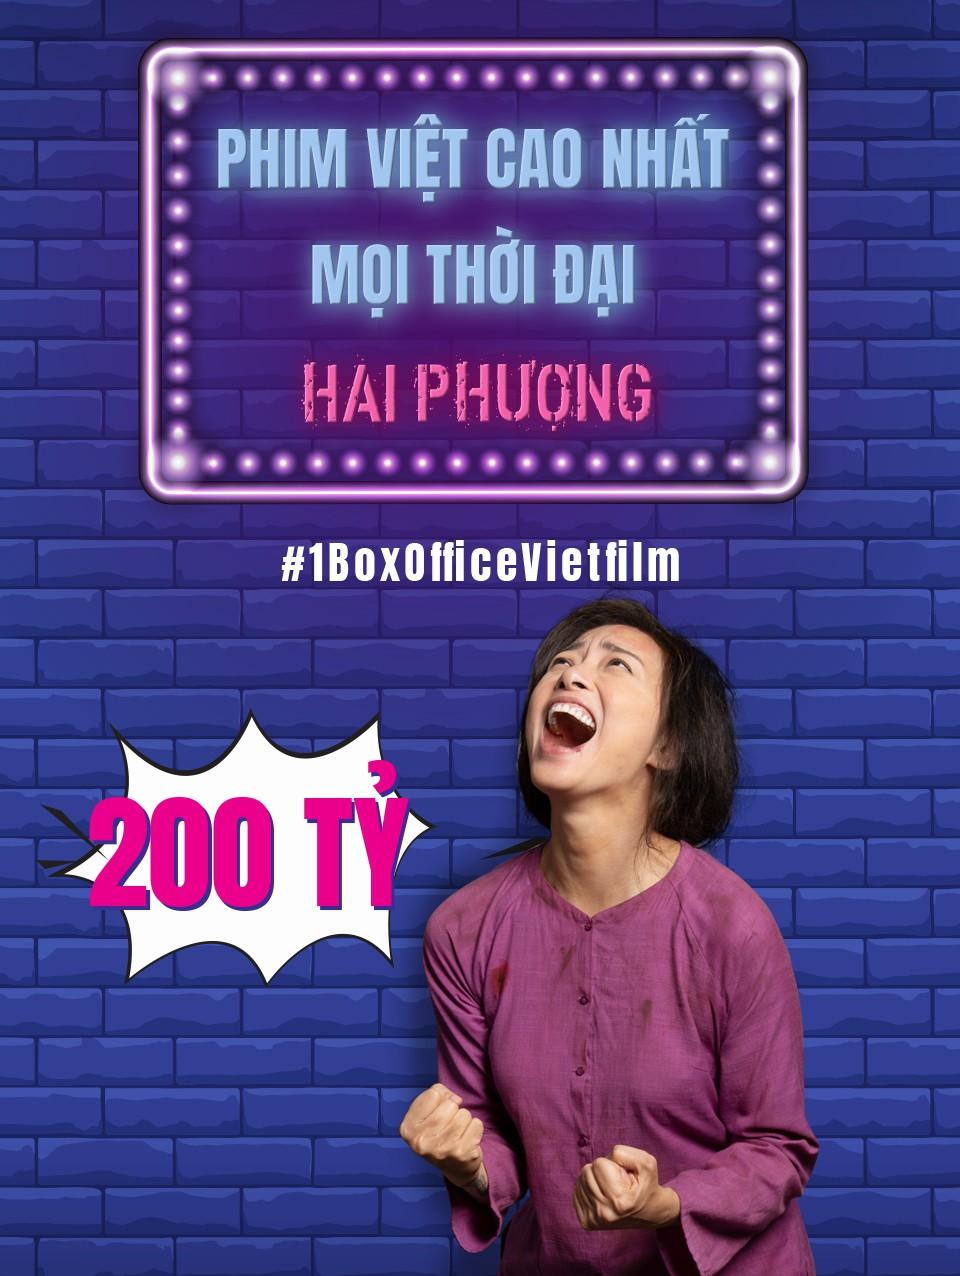 Ngoài Hai Phượng, những phim Việt nào đang ghi danh trong câu lạc bộ trăm tỷ doanh thu? - Ảnh 1.